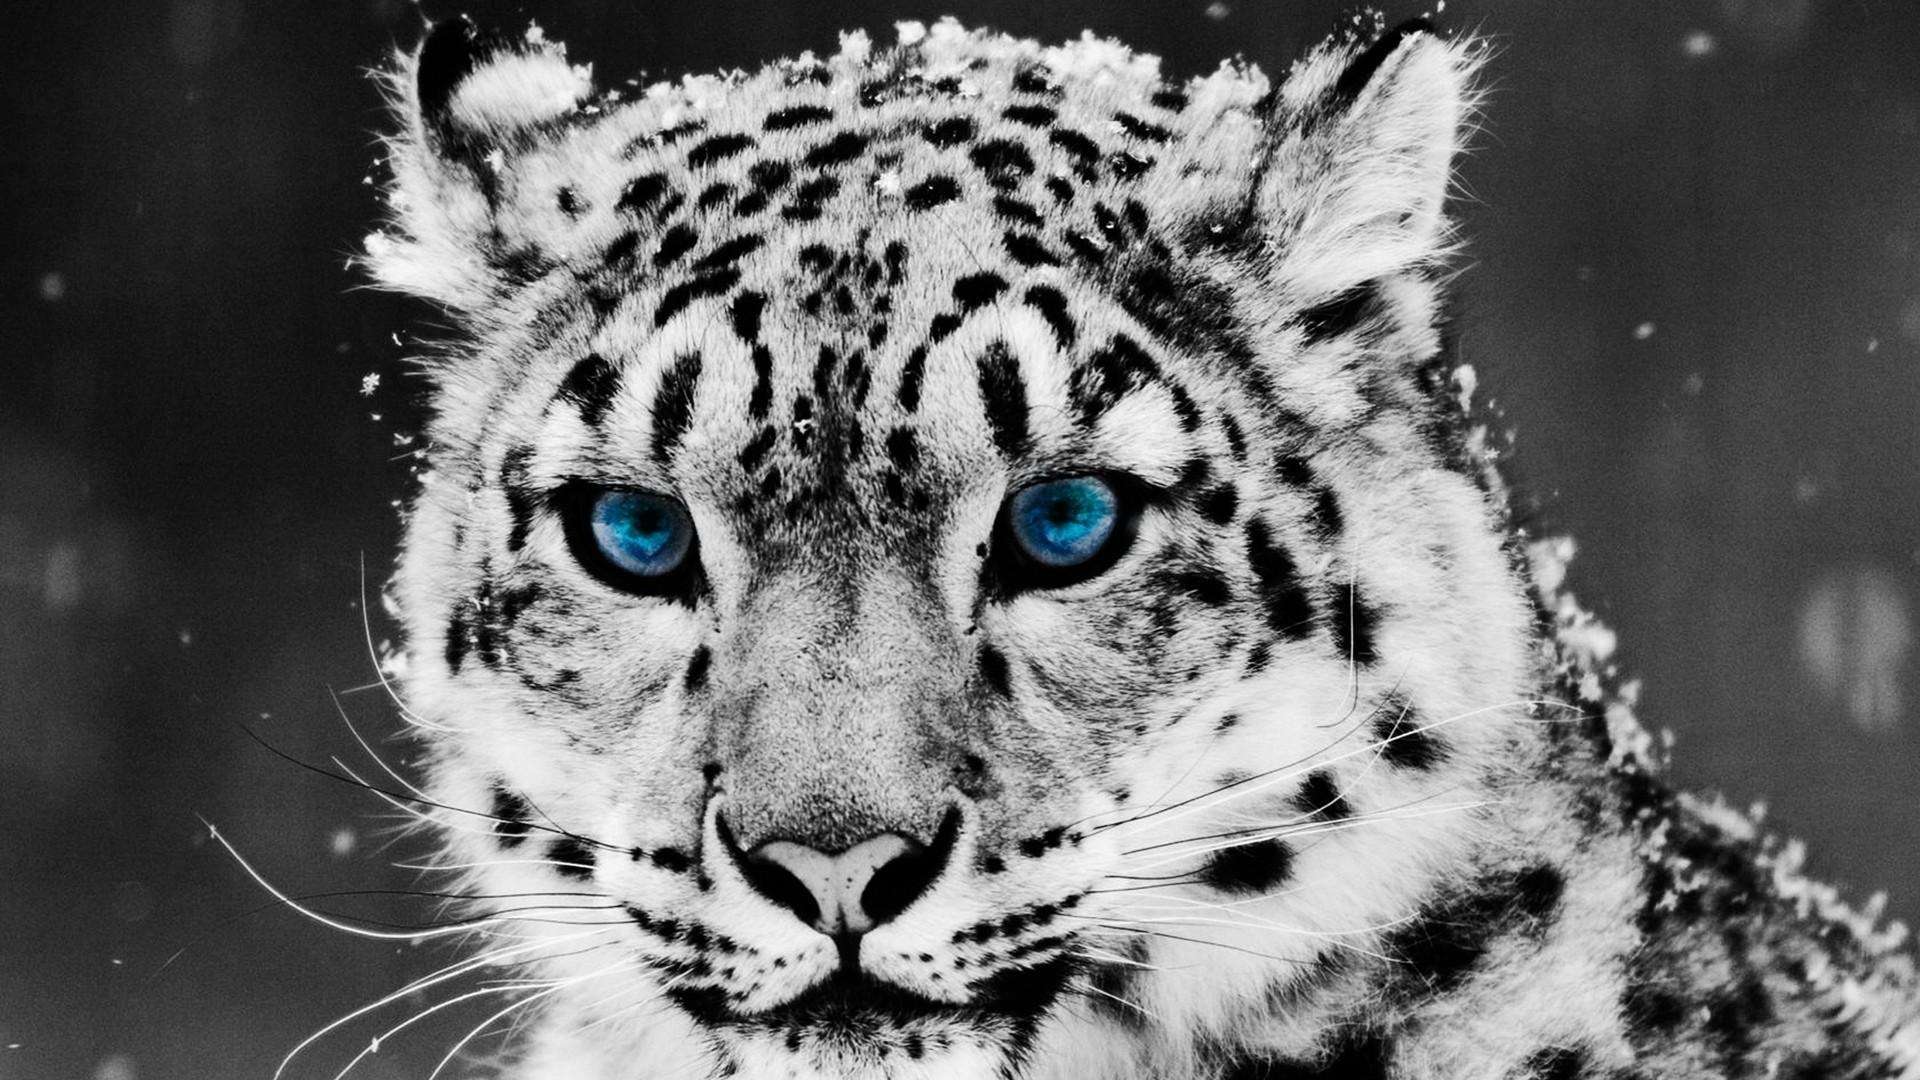 Snow Leopard hd desktop wallpaper